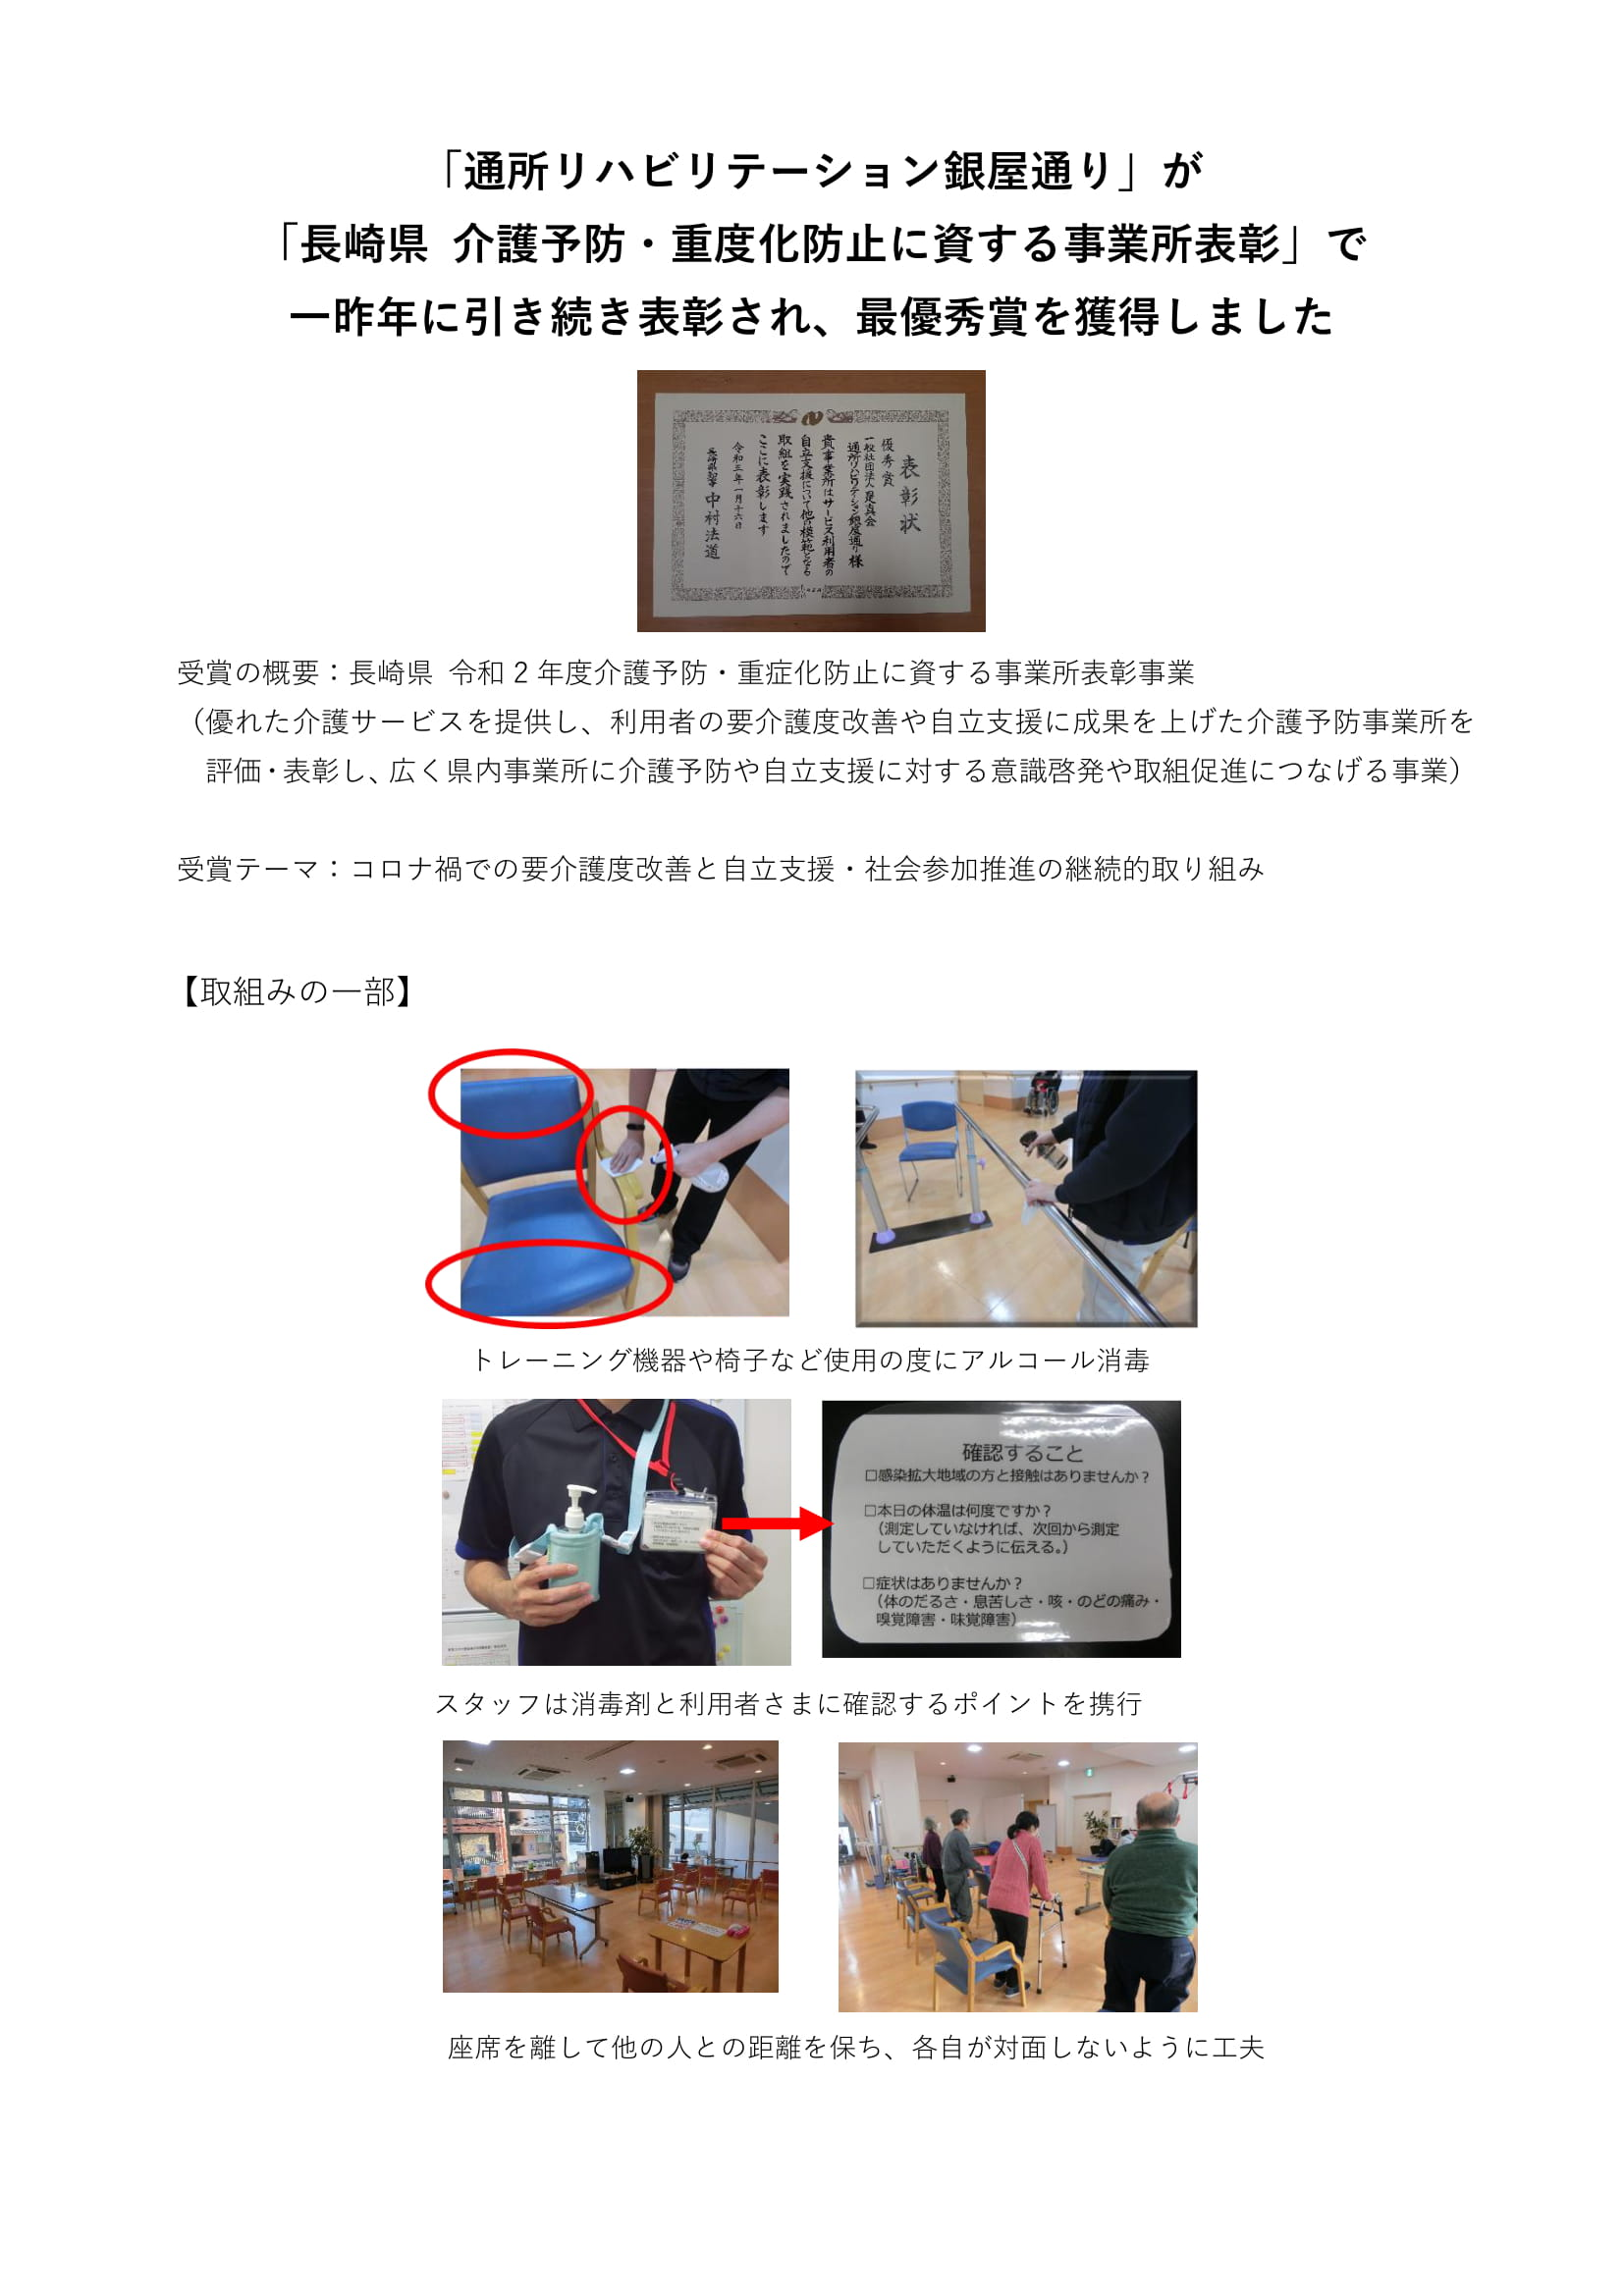 最優秀賞を獲得しました。「長崎県介護予防・重度化防止に資する事業所表彰事業」